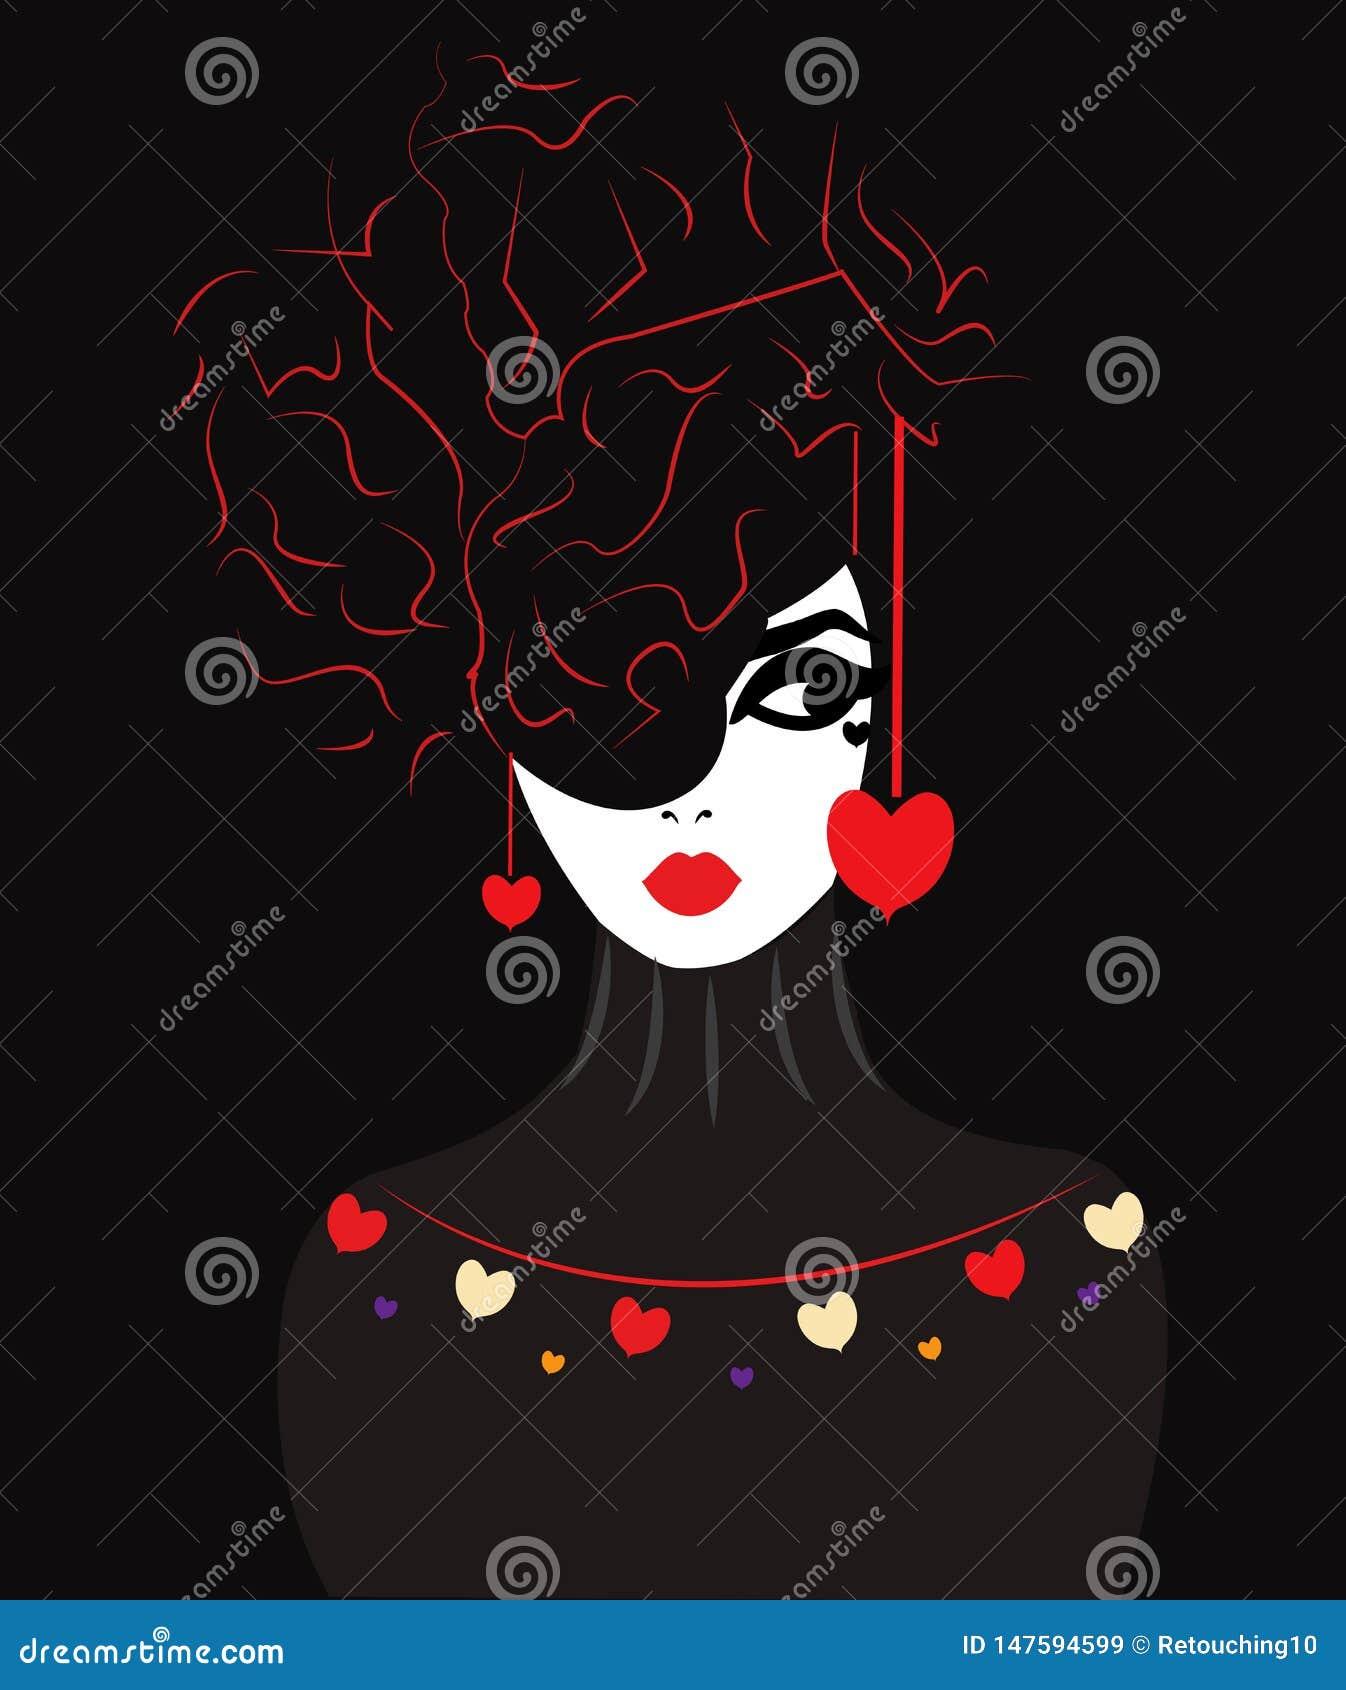 Illustration av en kvinna med hj?rnan som en frisyr